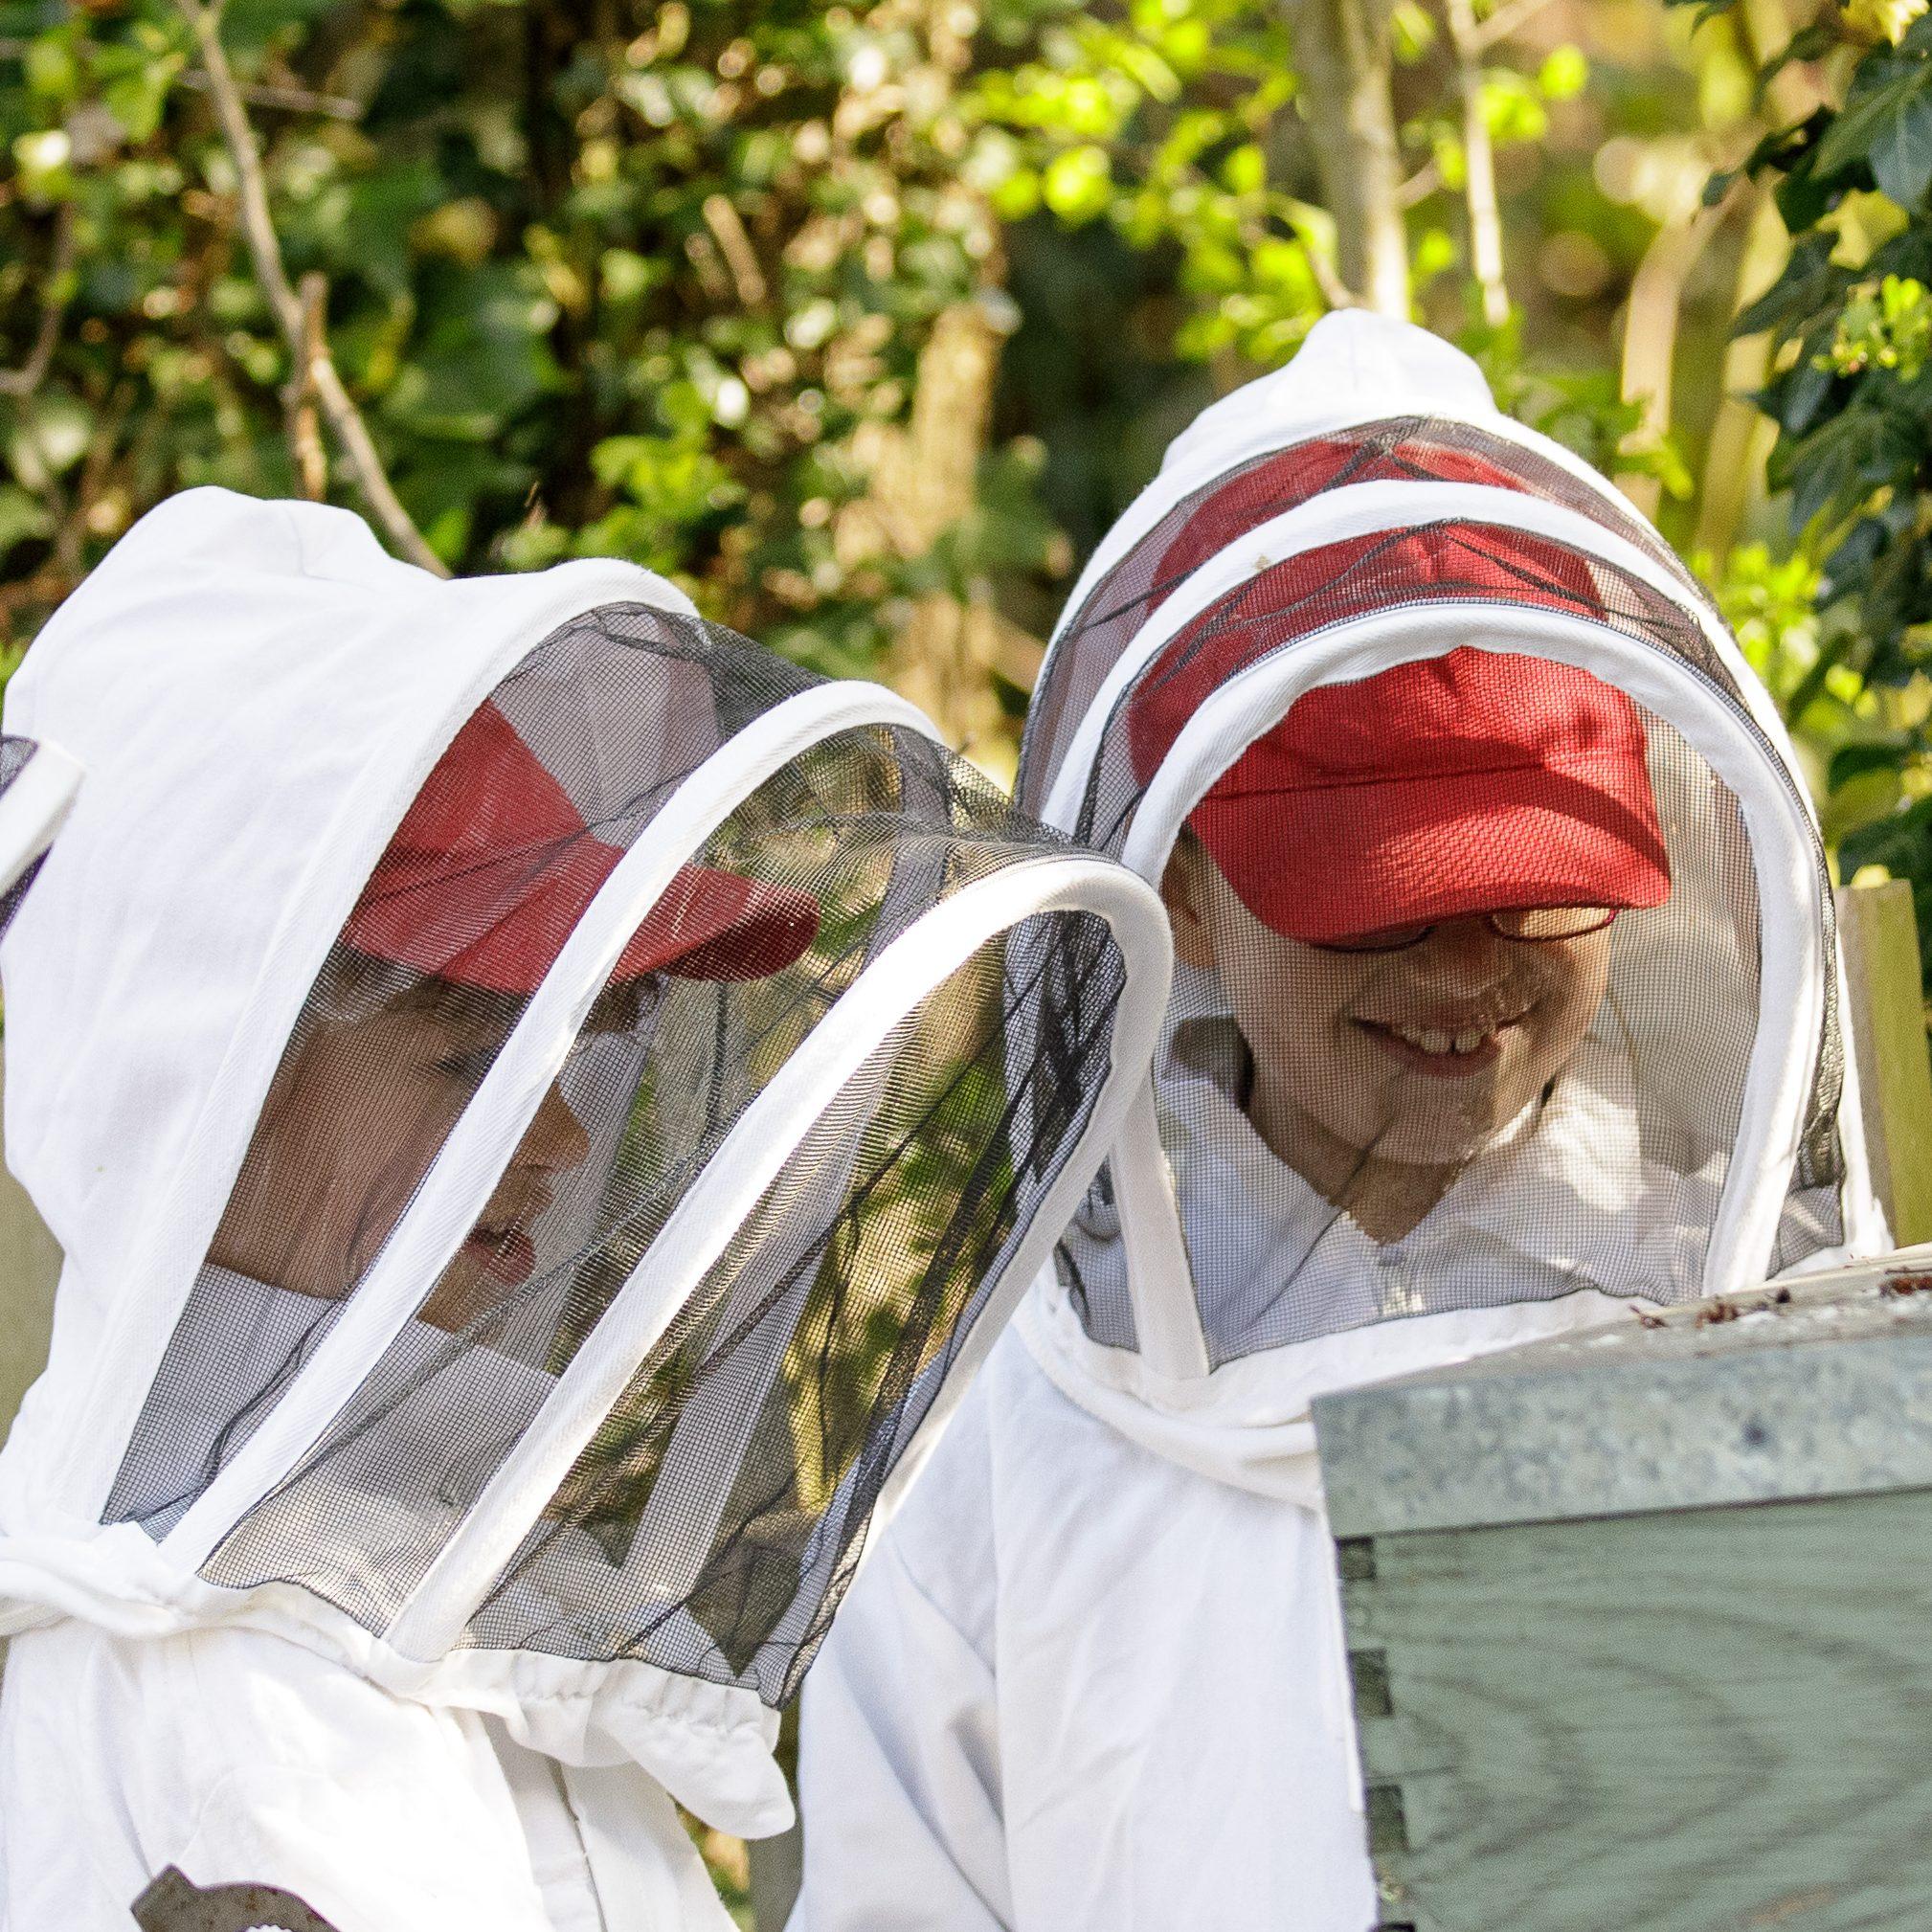 Children wearing bee keeping protective equipment